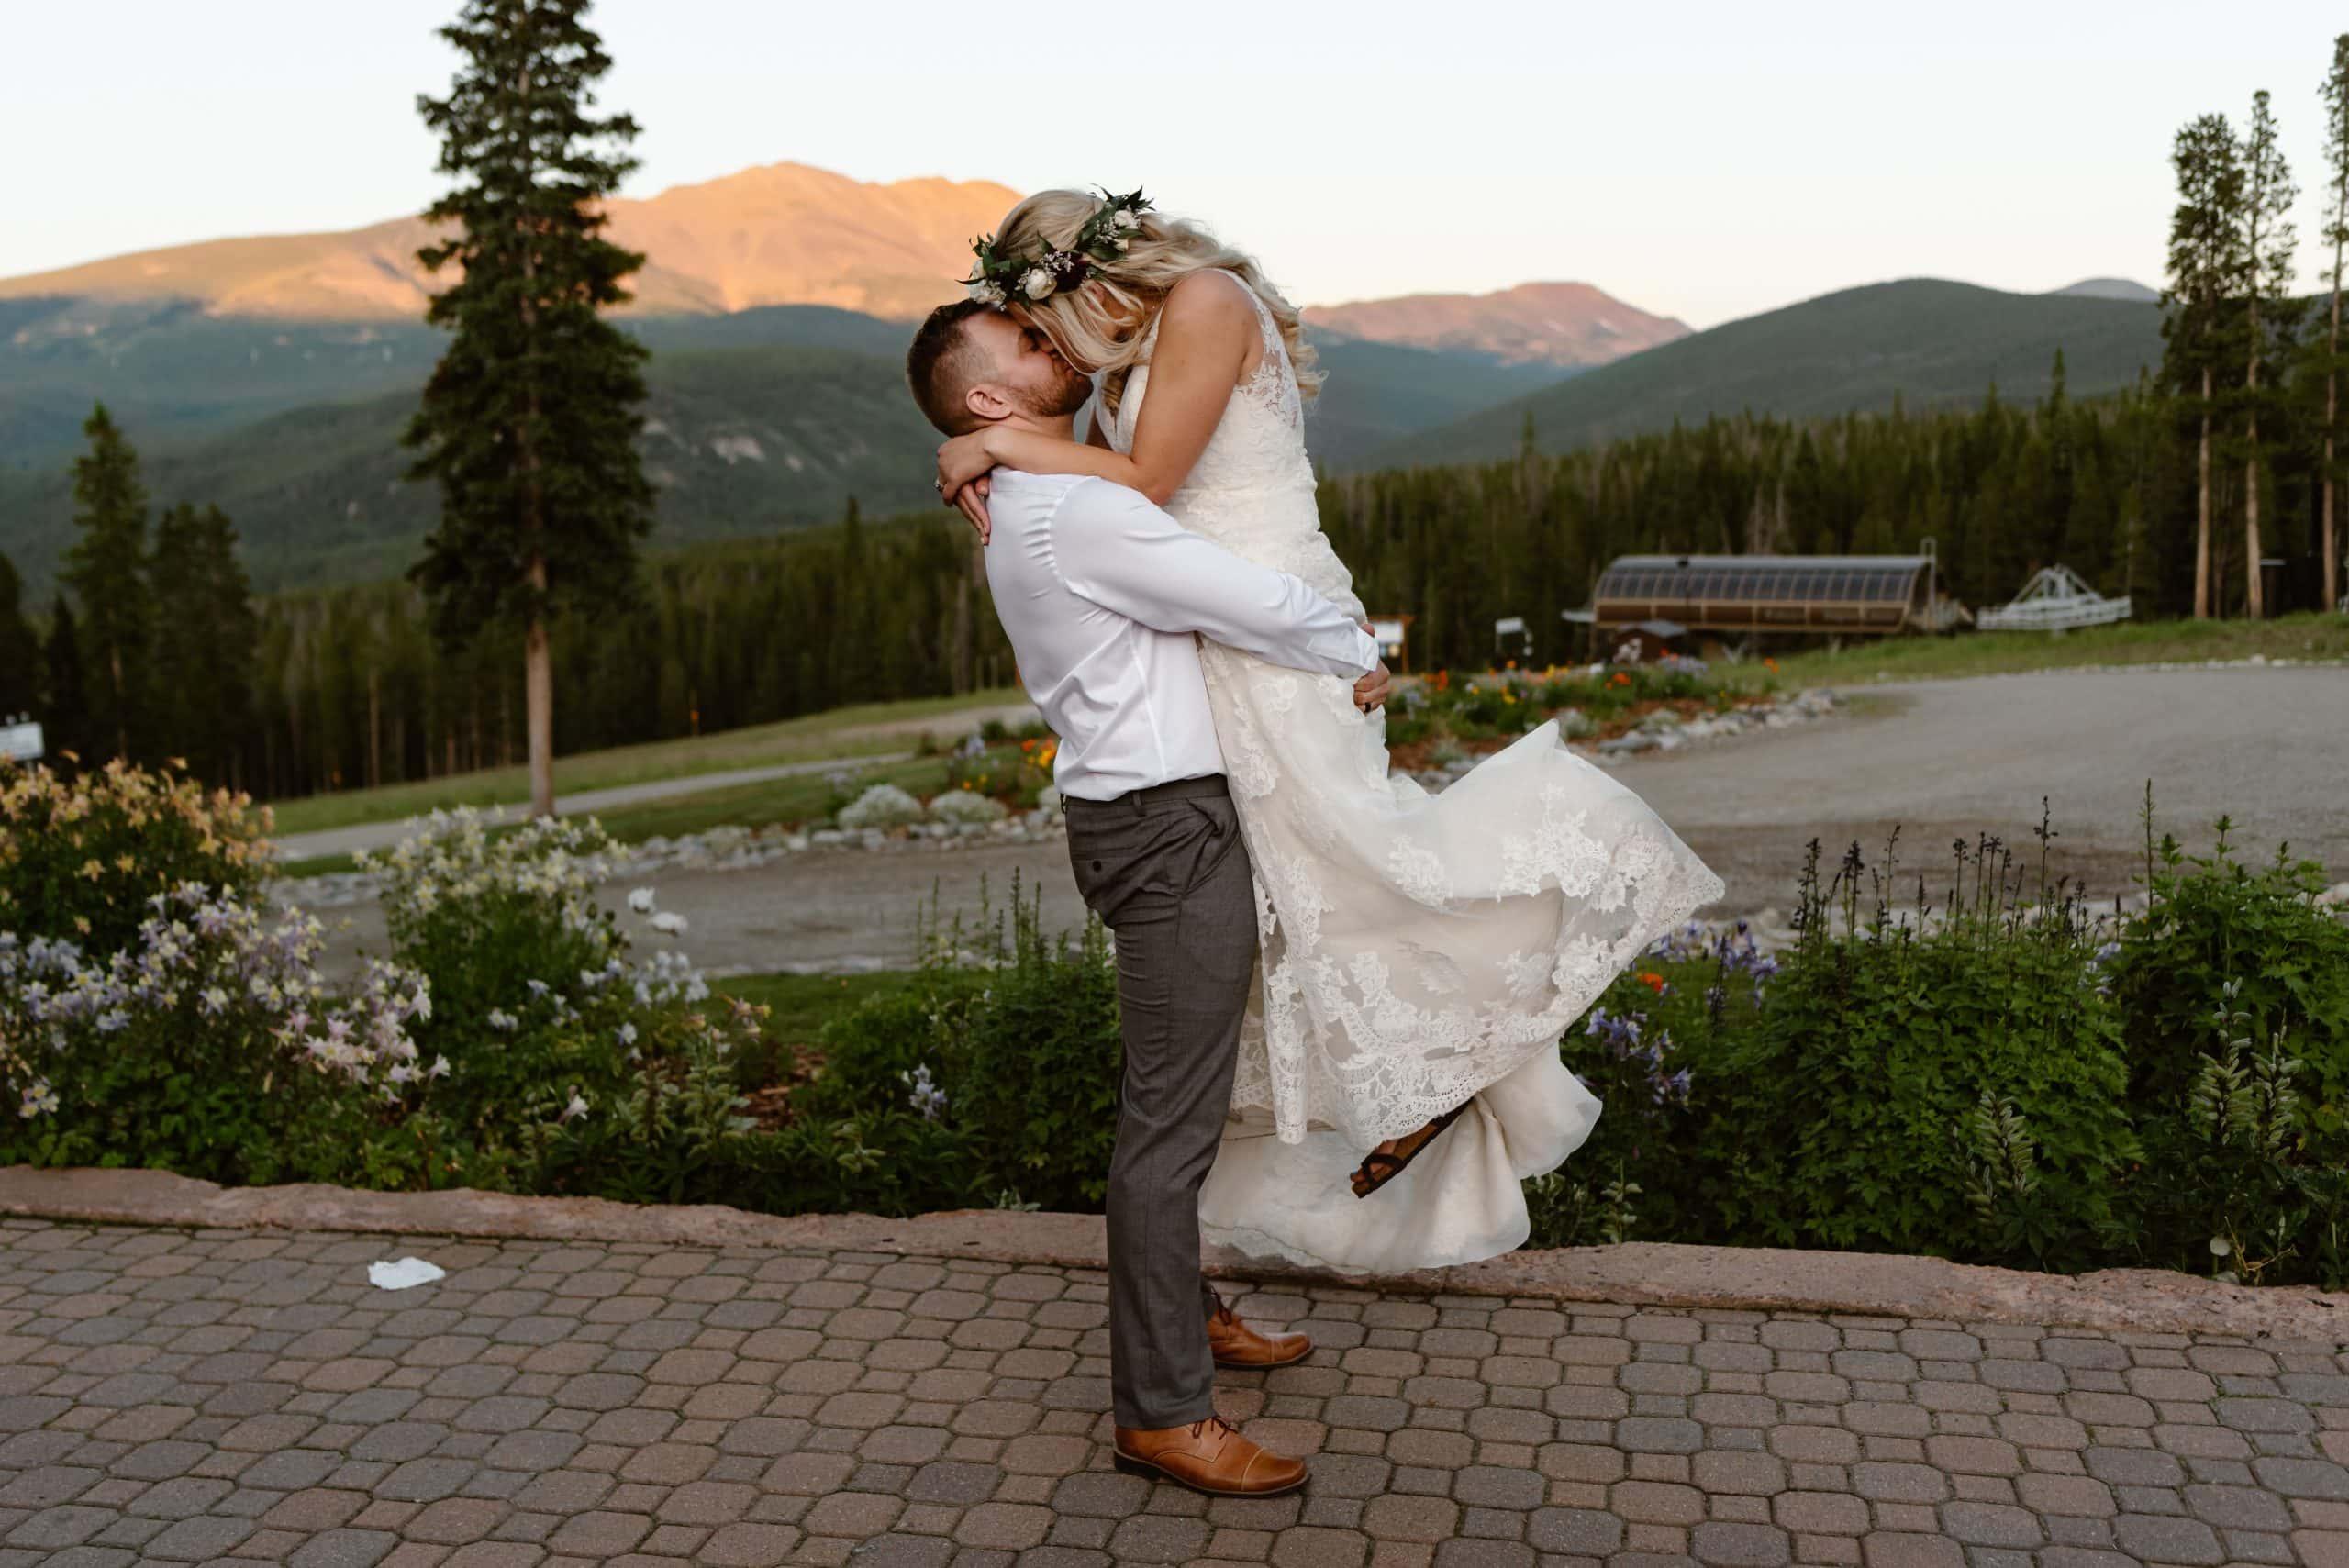 Best Colorado Wedding Venue in Breckenridge, CO Ten Mile Station